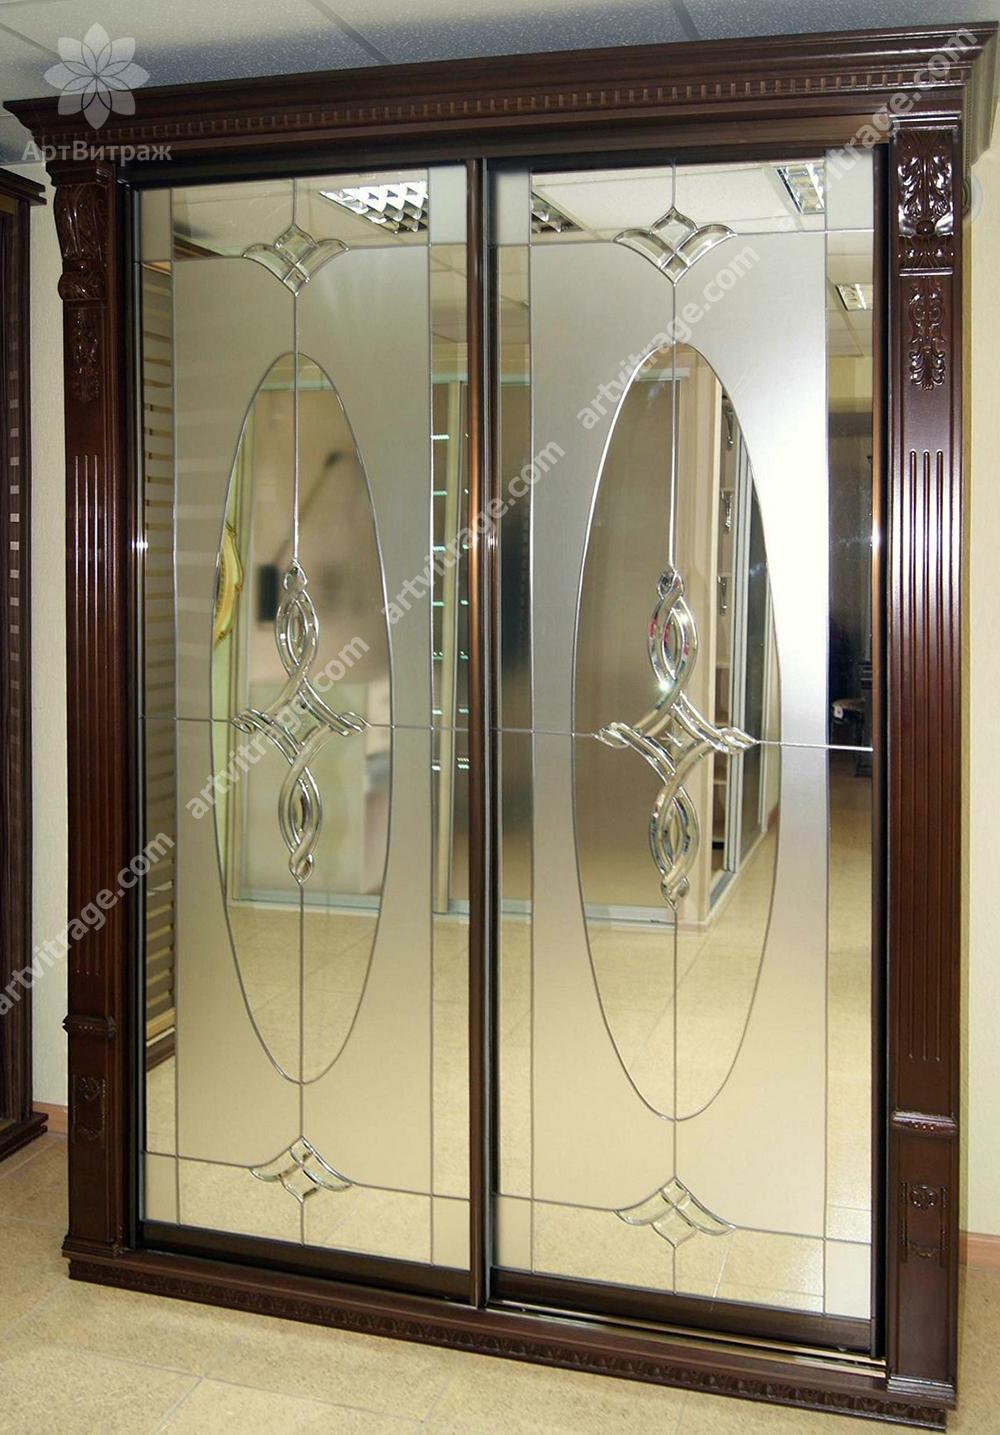 Зеркальный шкаф-купе выполненный в двух техниках с использованием пескоструйной обработки